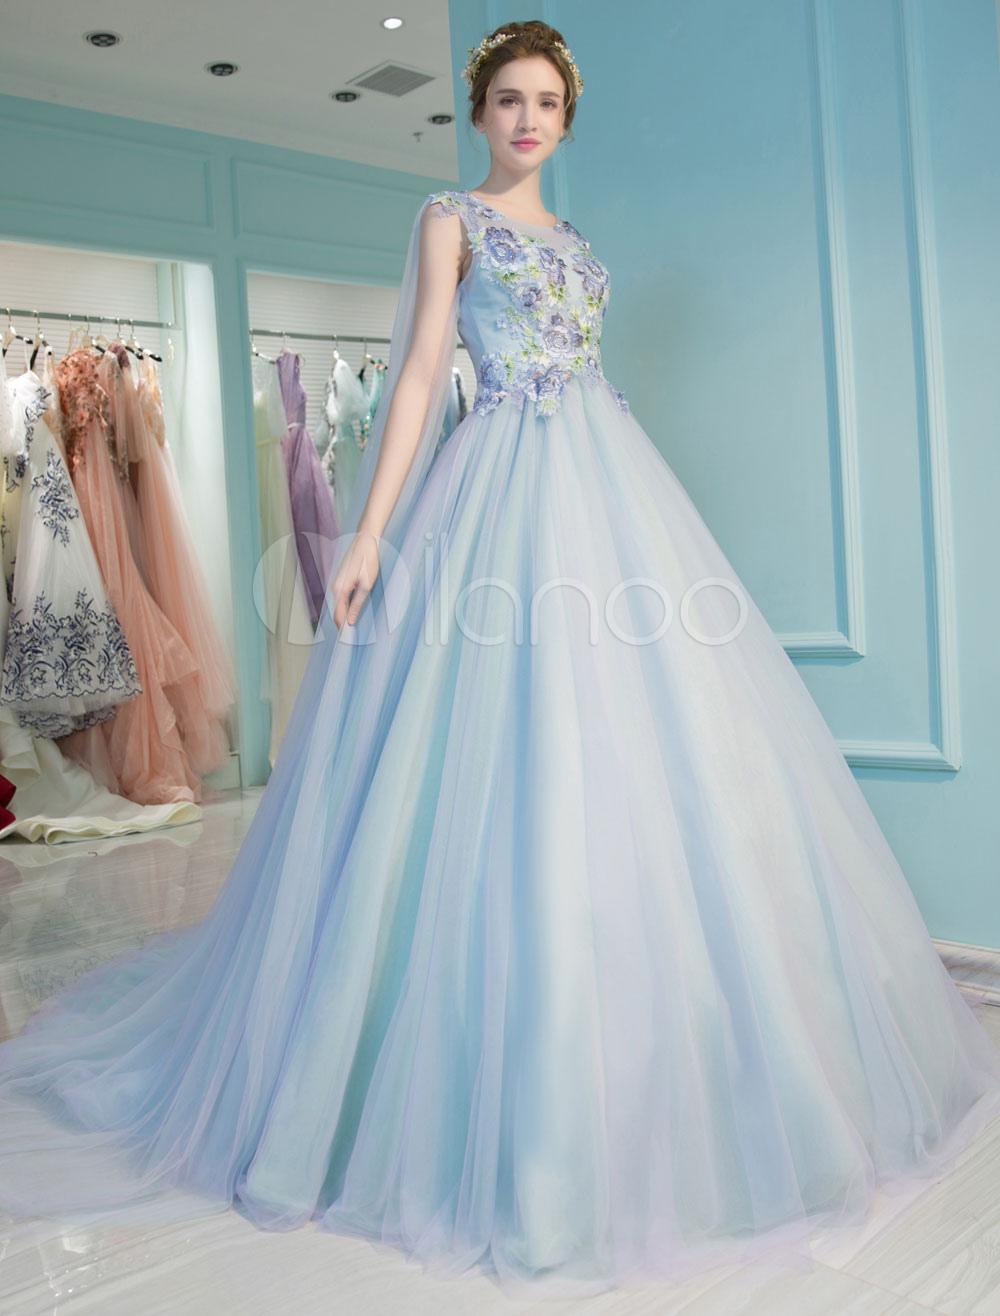 prinzessin quinceanera kleider luxus pastell blaue blumen gestickte  schlüsselloch watteau zug damen festzug kleider